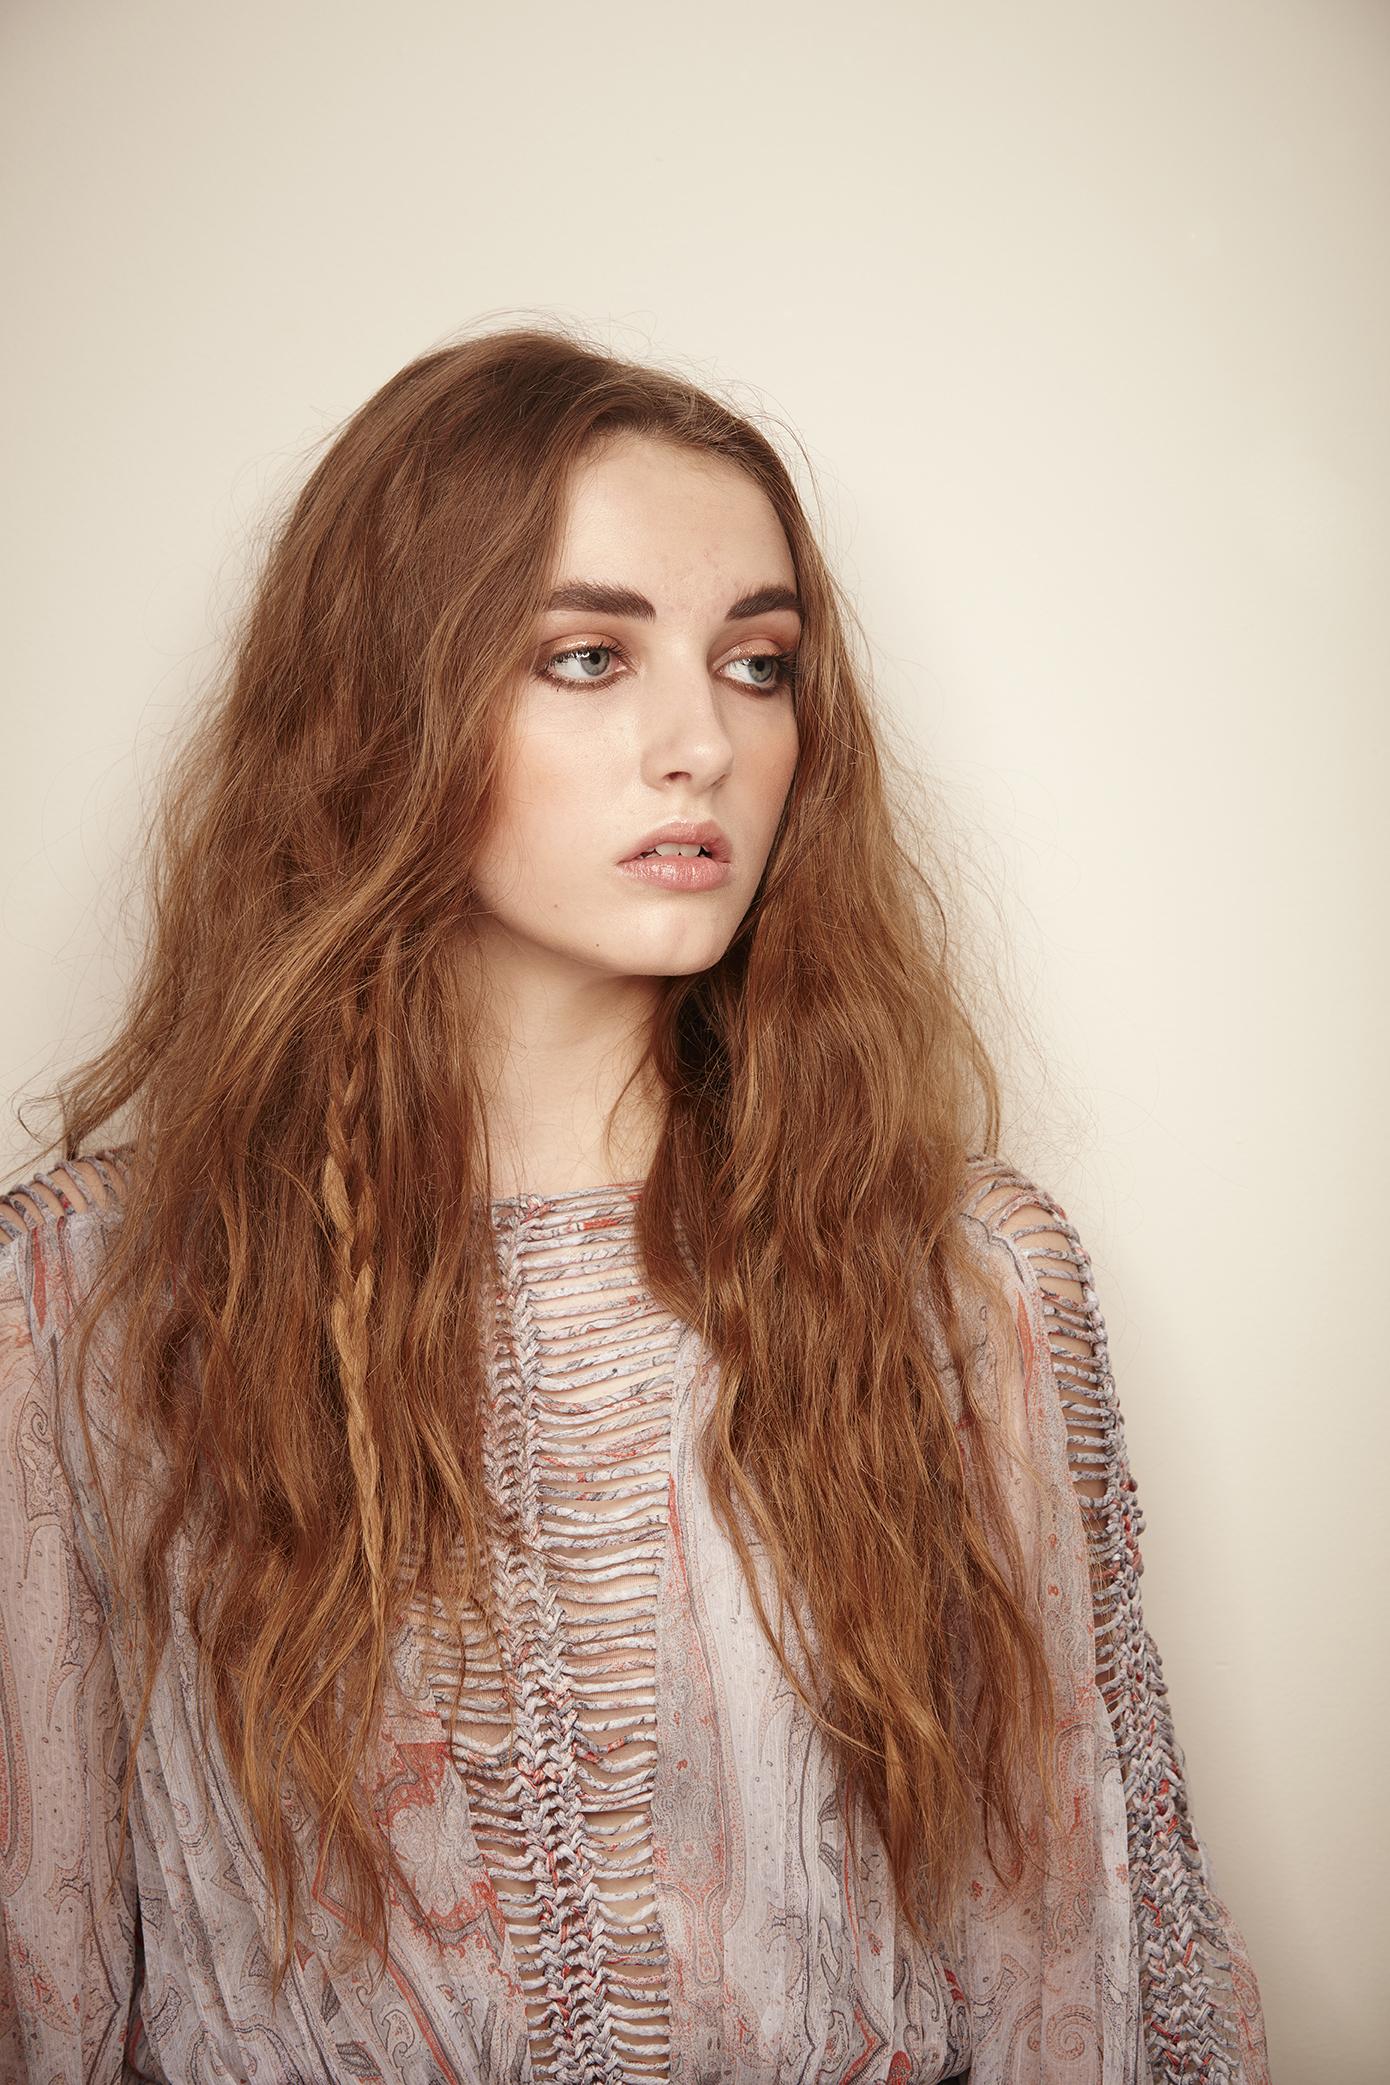 wavy-haired model in boho dress